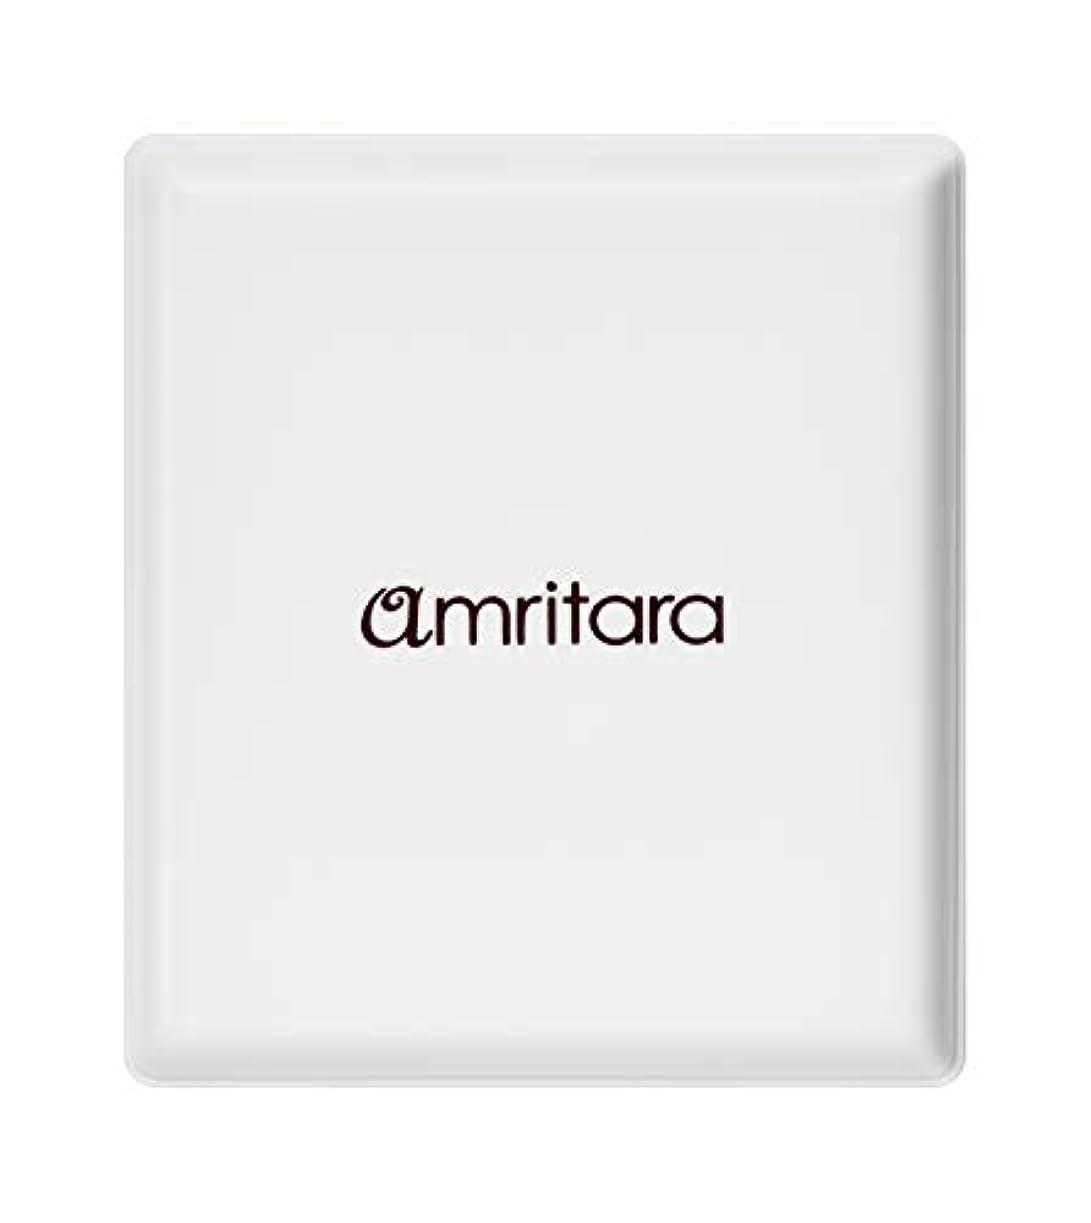 体扱うエロチックアムリターラ(amritara) ハイビスカスチーク パウダリー コンパクトケース 20g